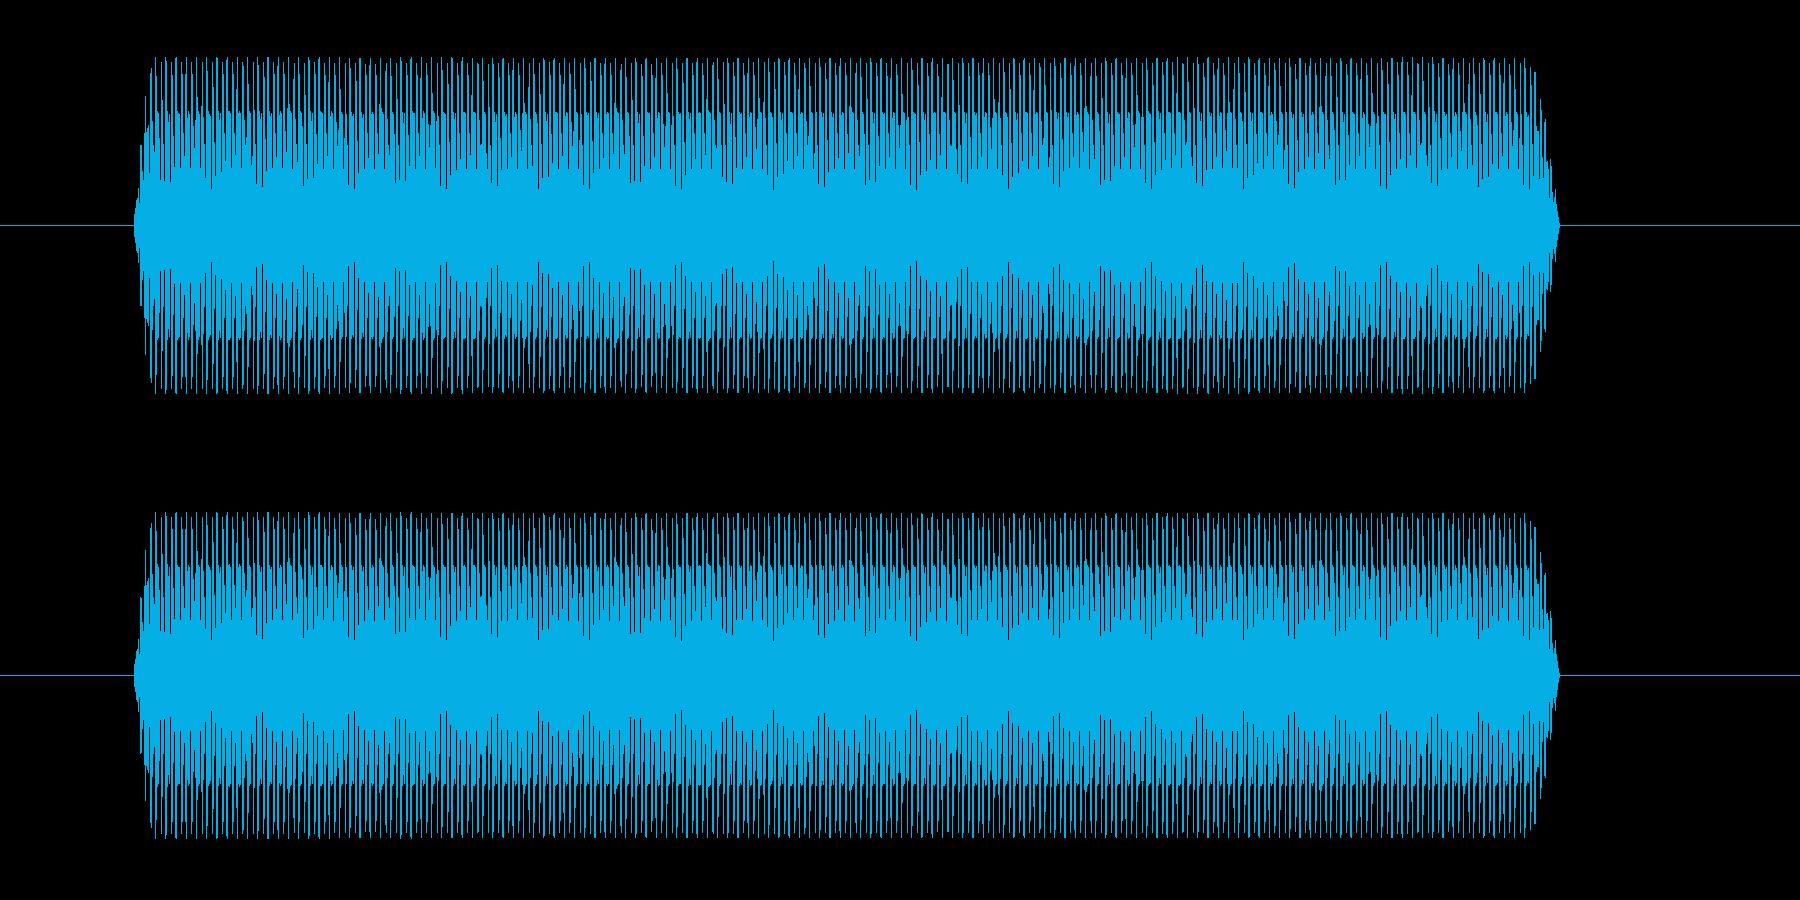 間違った回答ブザーの再生済みの波形